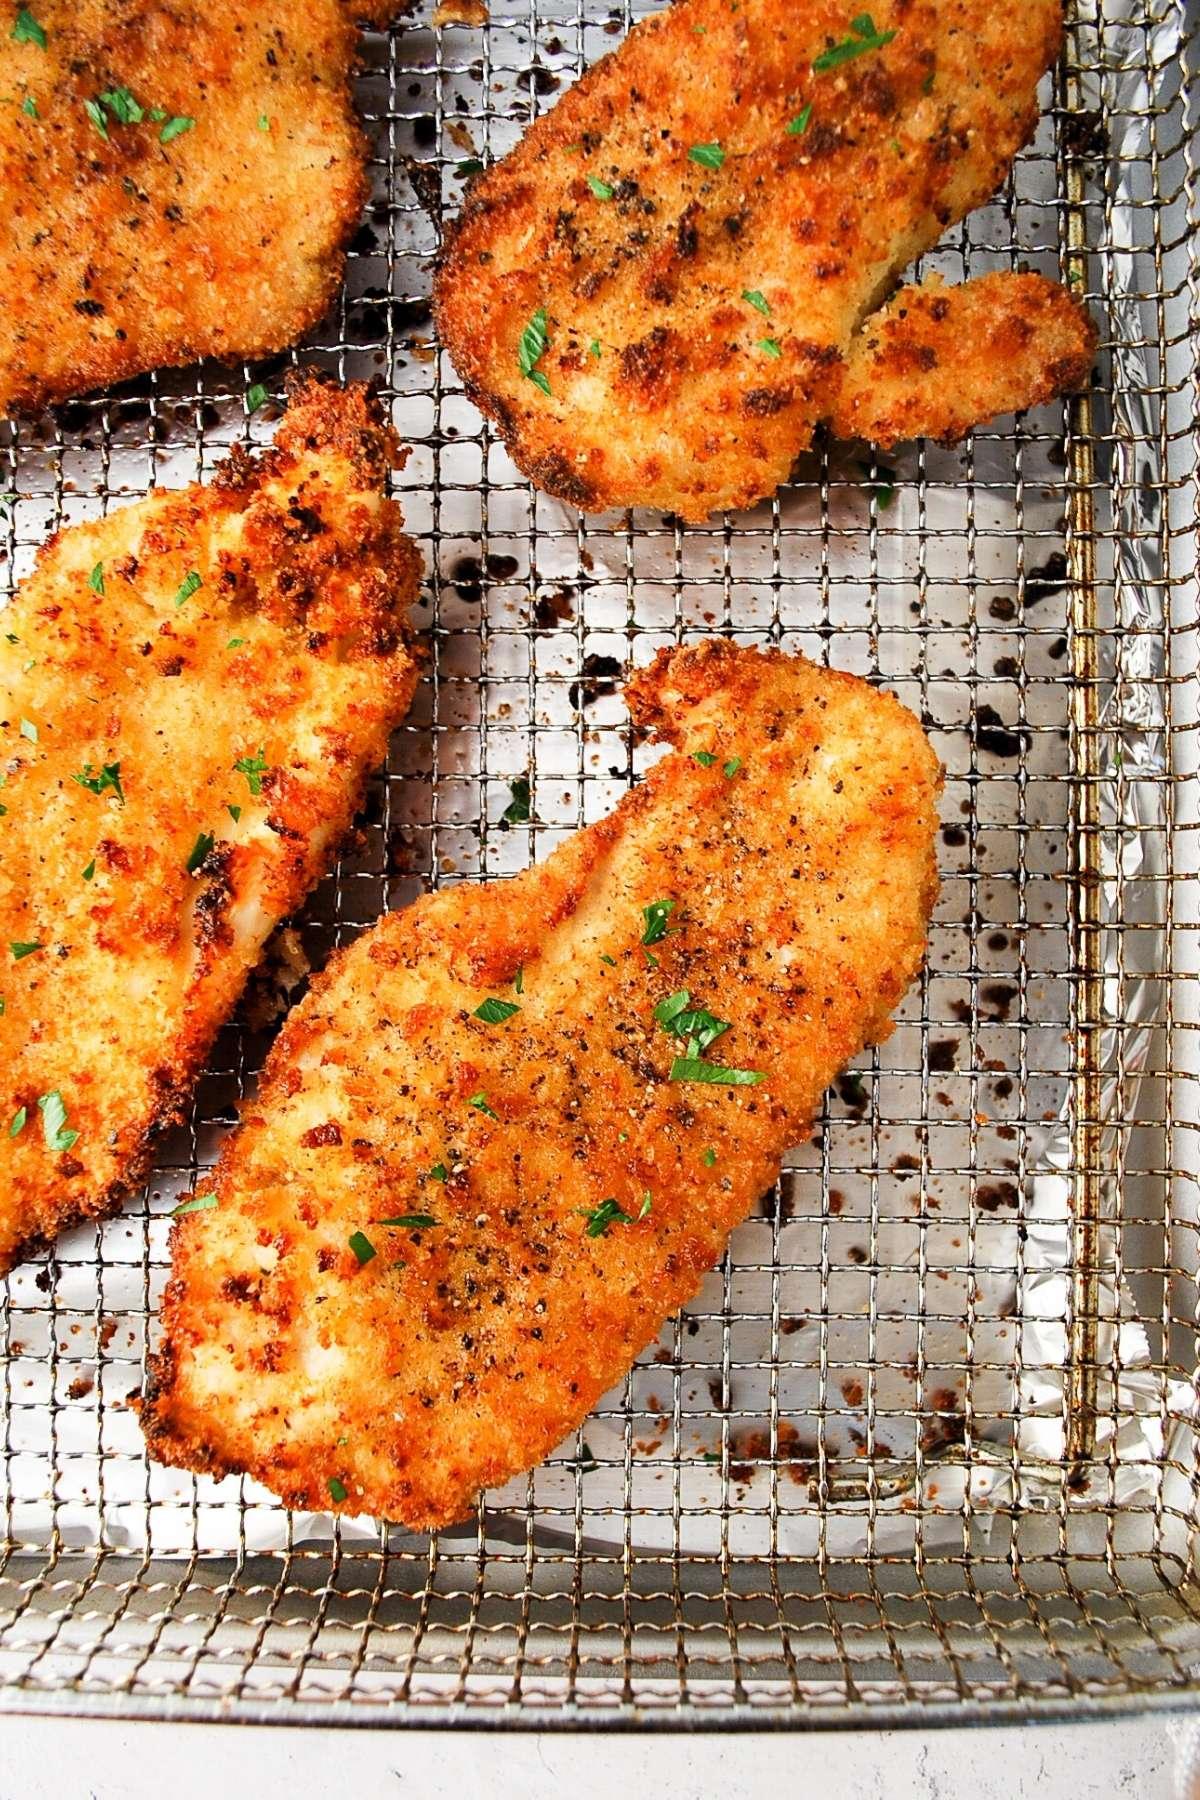 chicken cutlets on an air fryer baking sheet